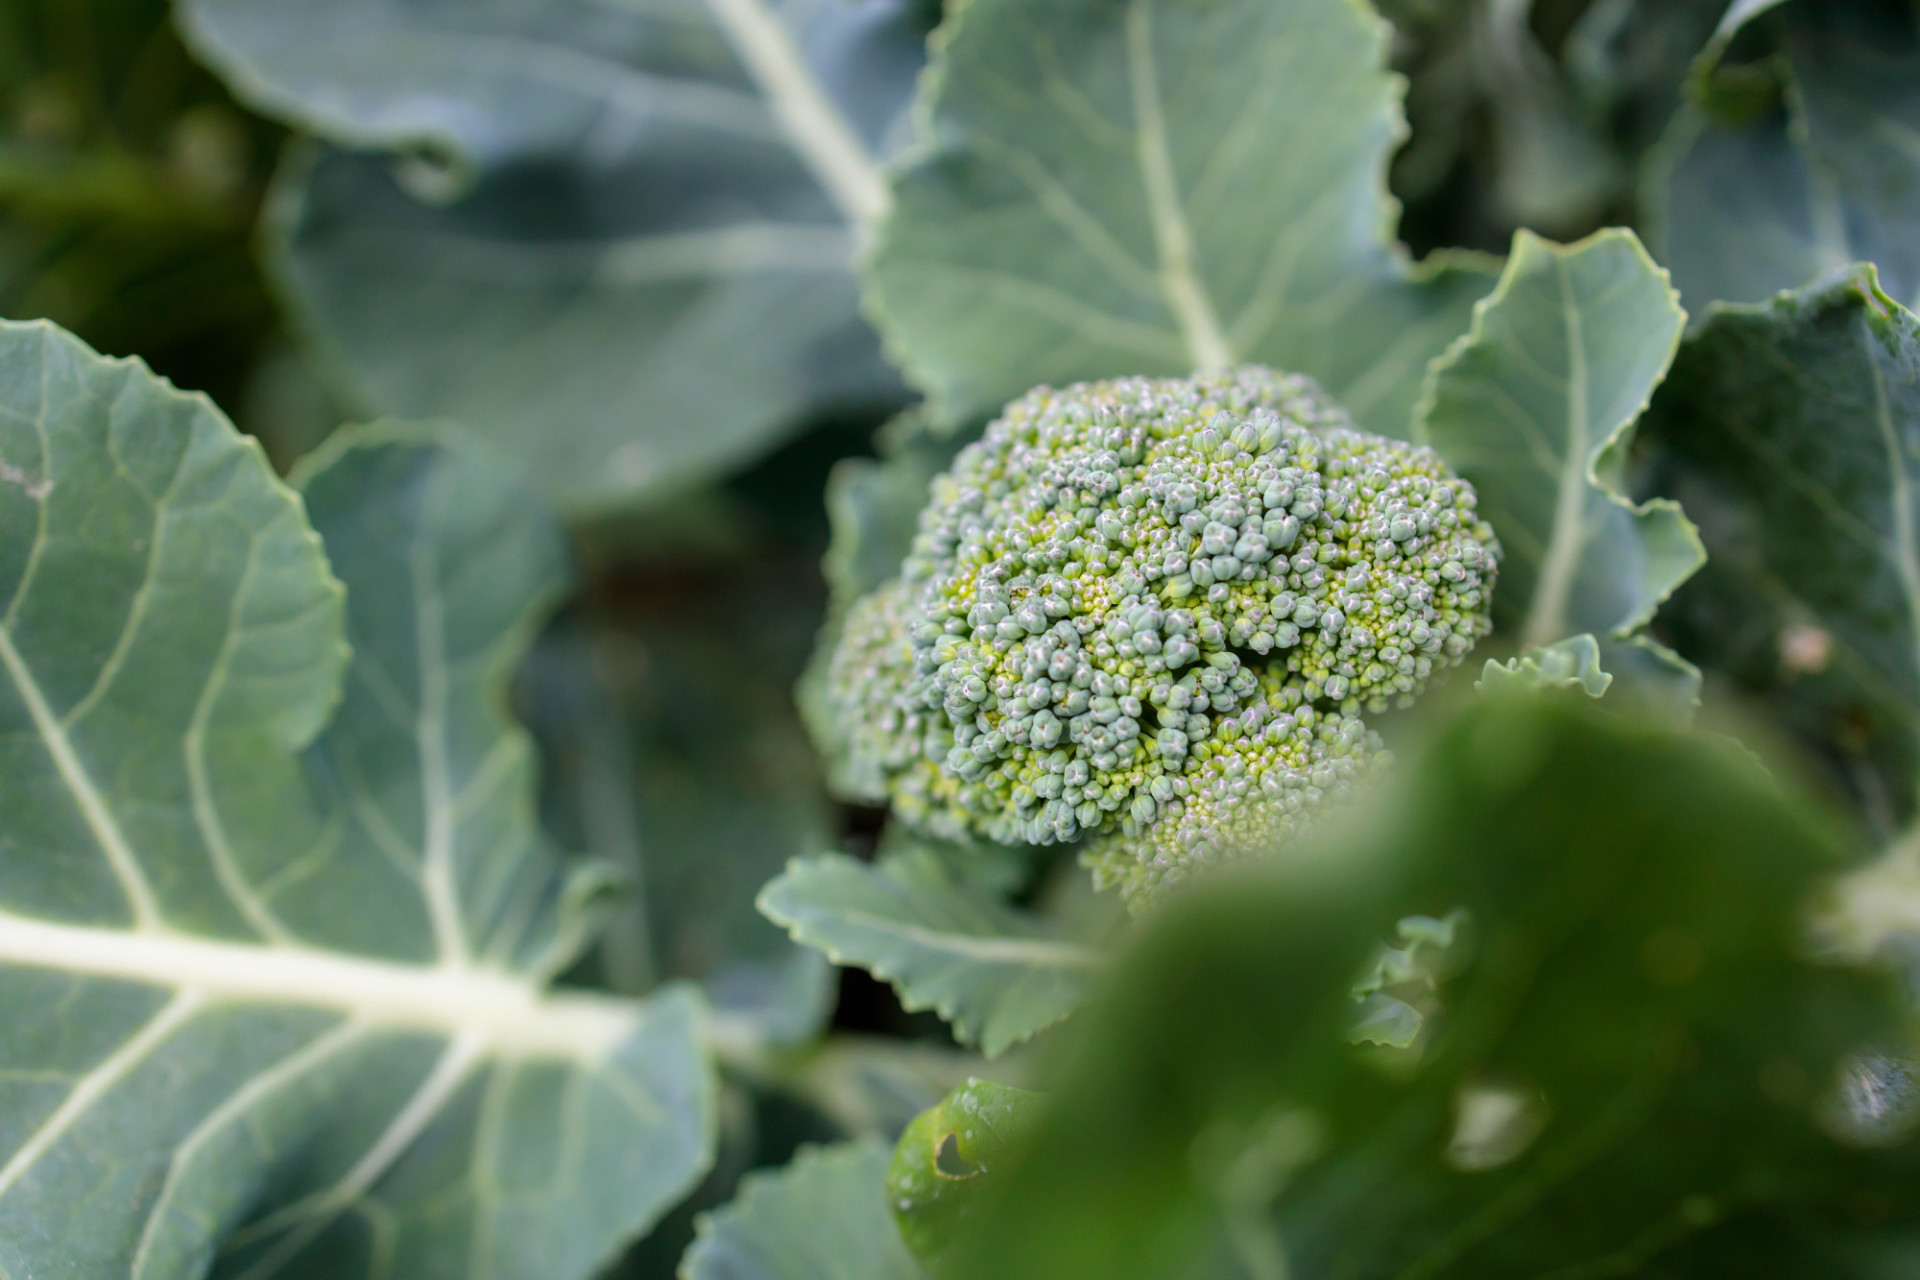 Broccoli grows in the garden